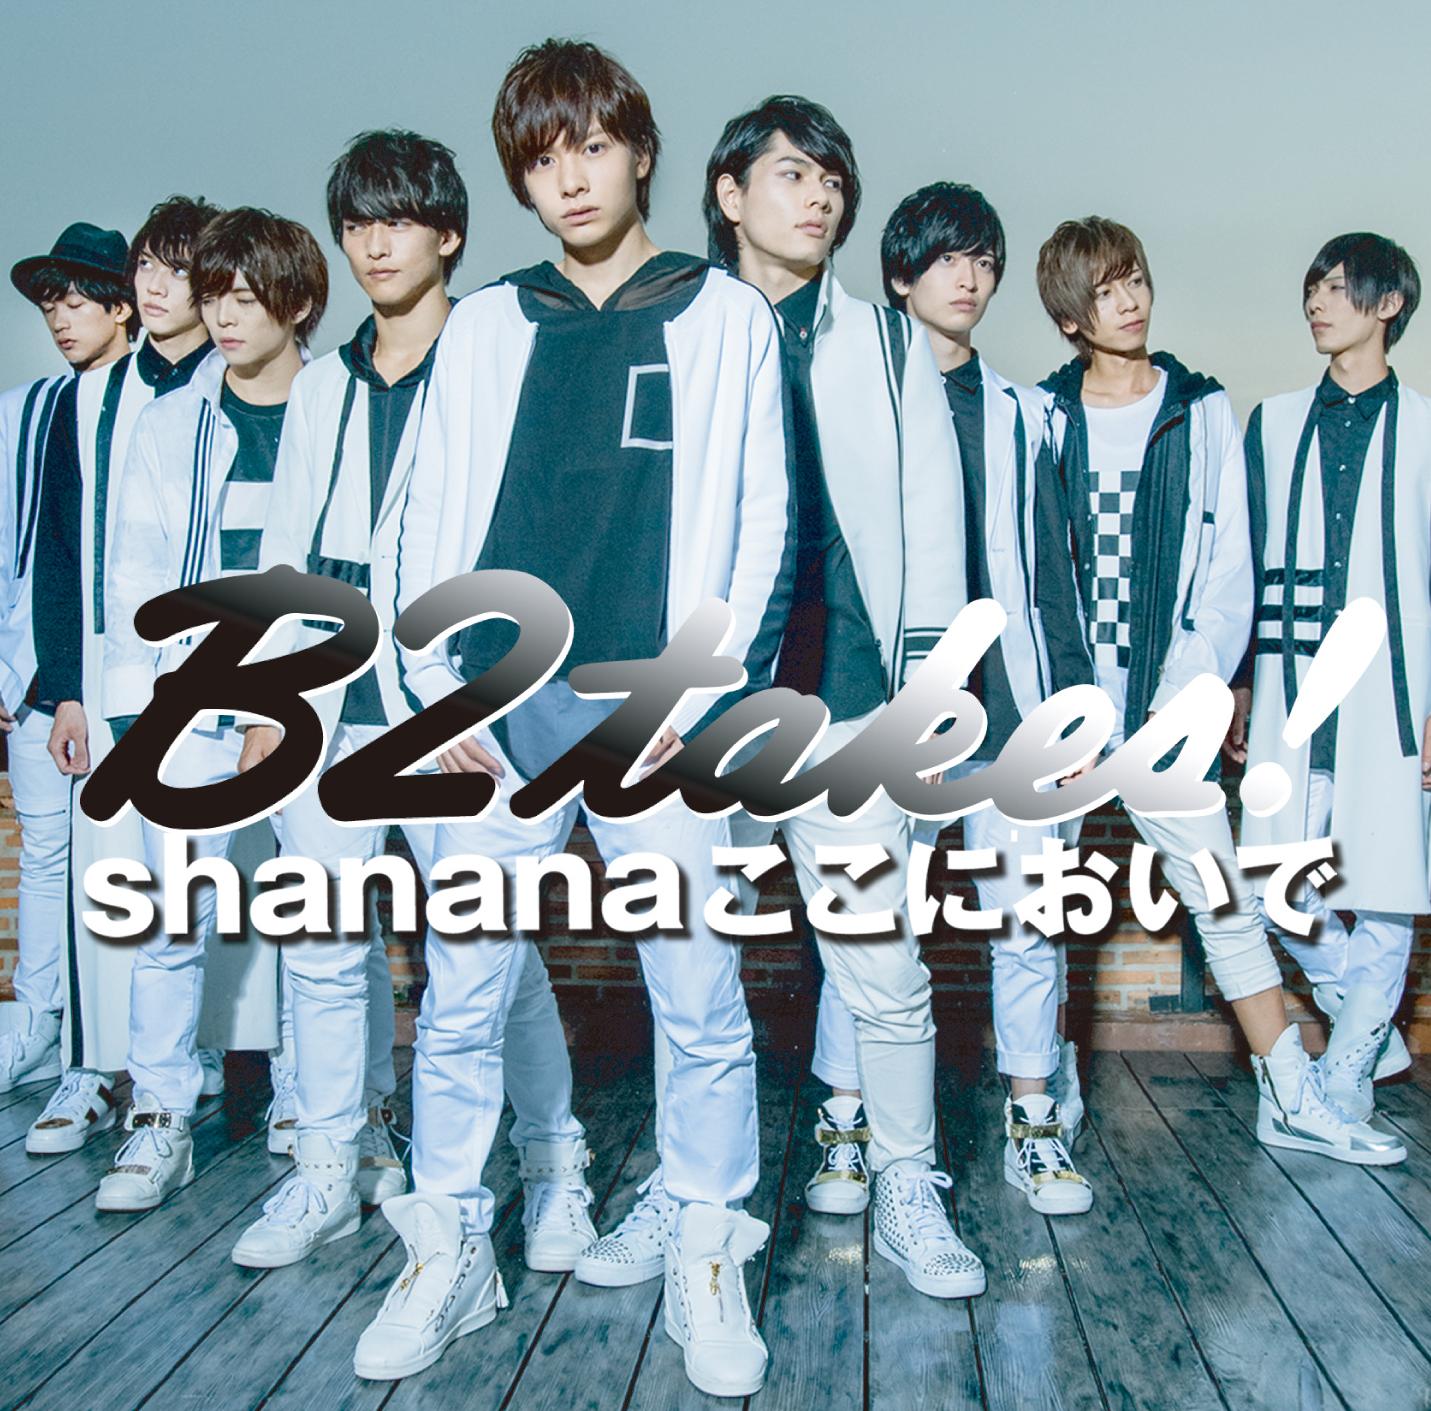 『Shananaここにおいで』B2takes!